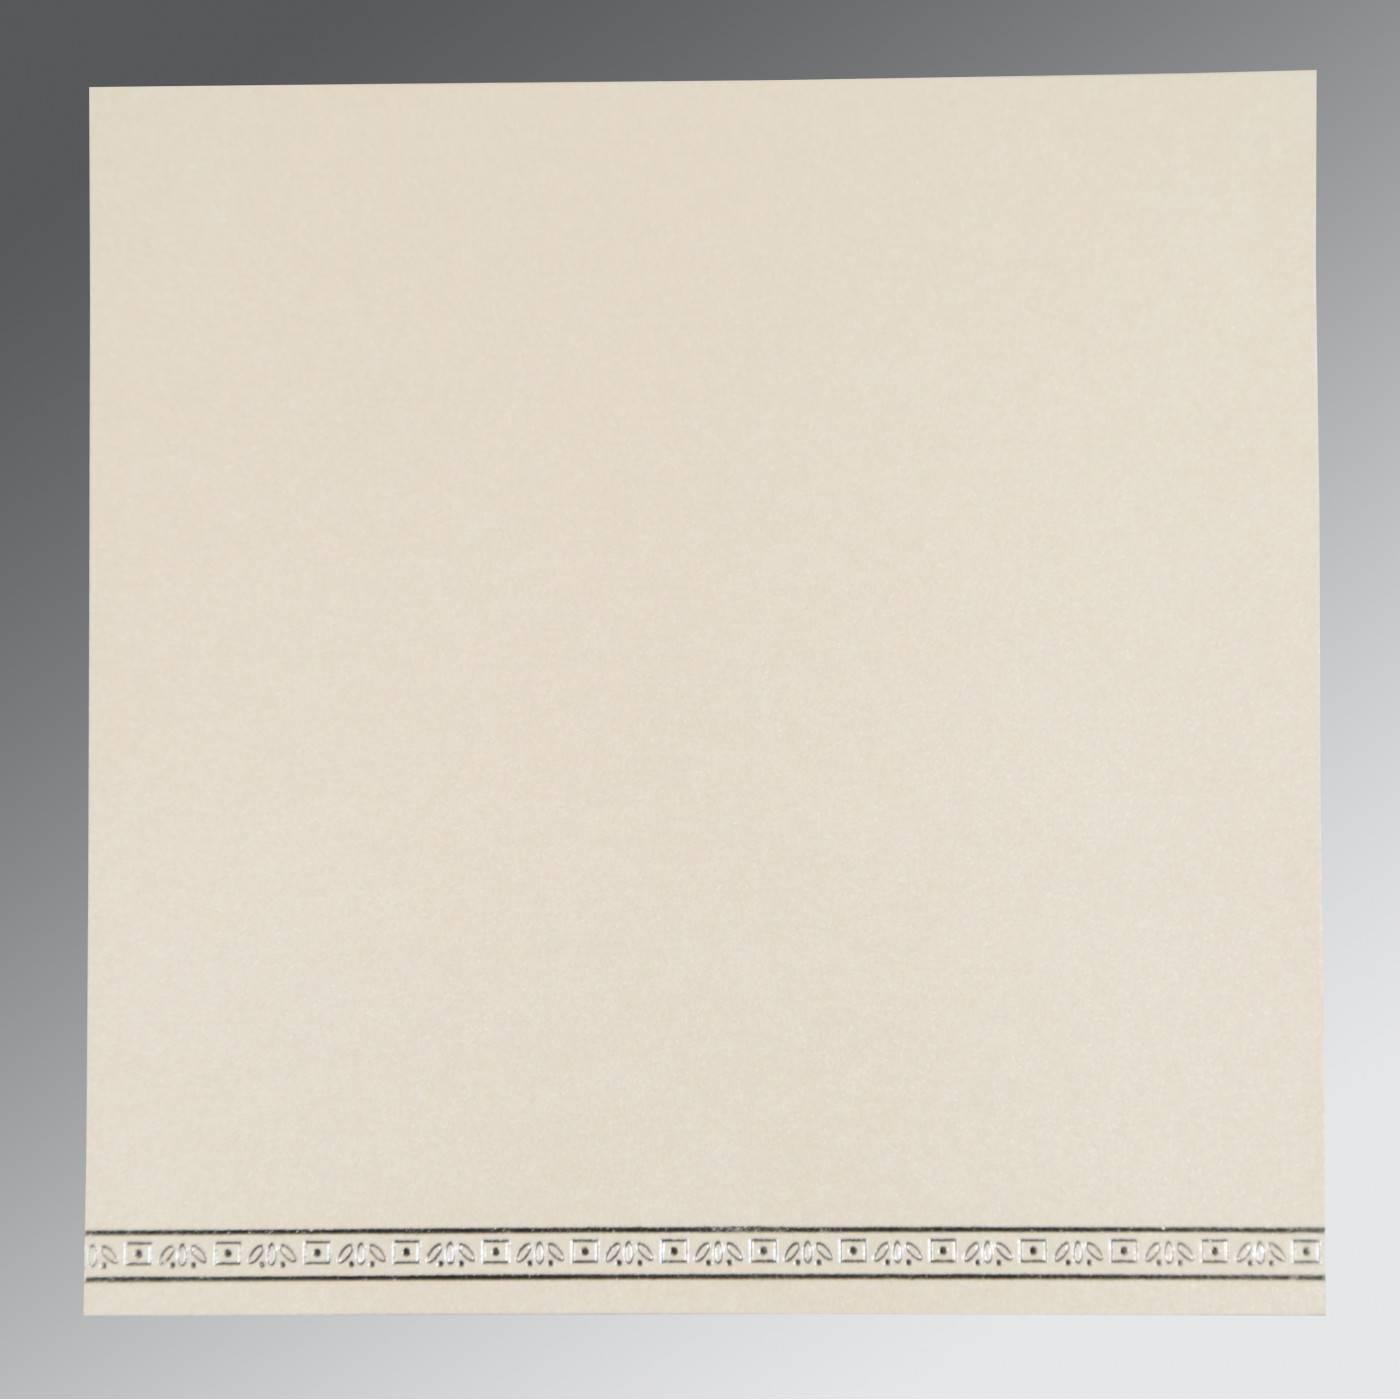 BLACK WOOLY FOIL STAMPED WEDDING CARD : CRU-8242B - IndianWeddingCards